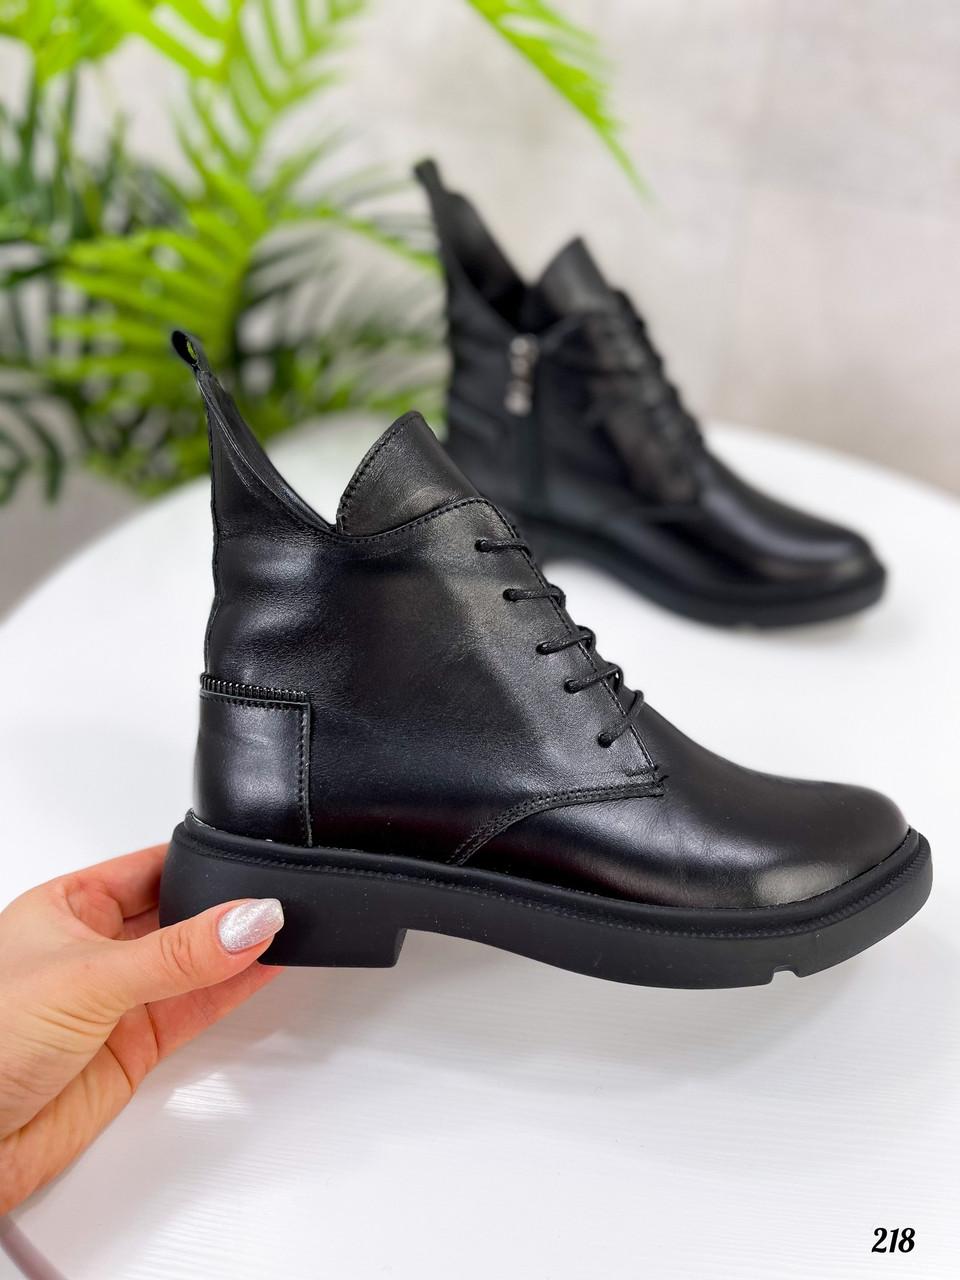 Жіночі короткі чоботи натуральна шкіра